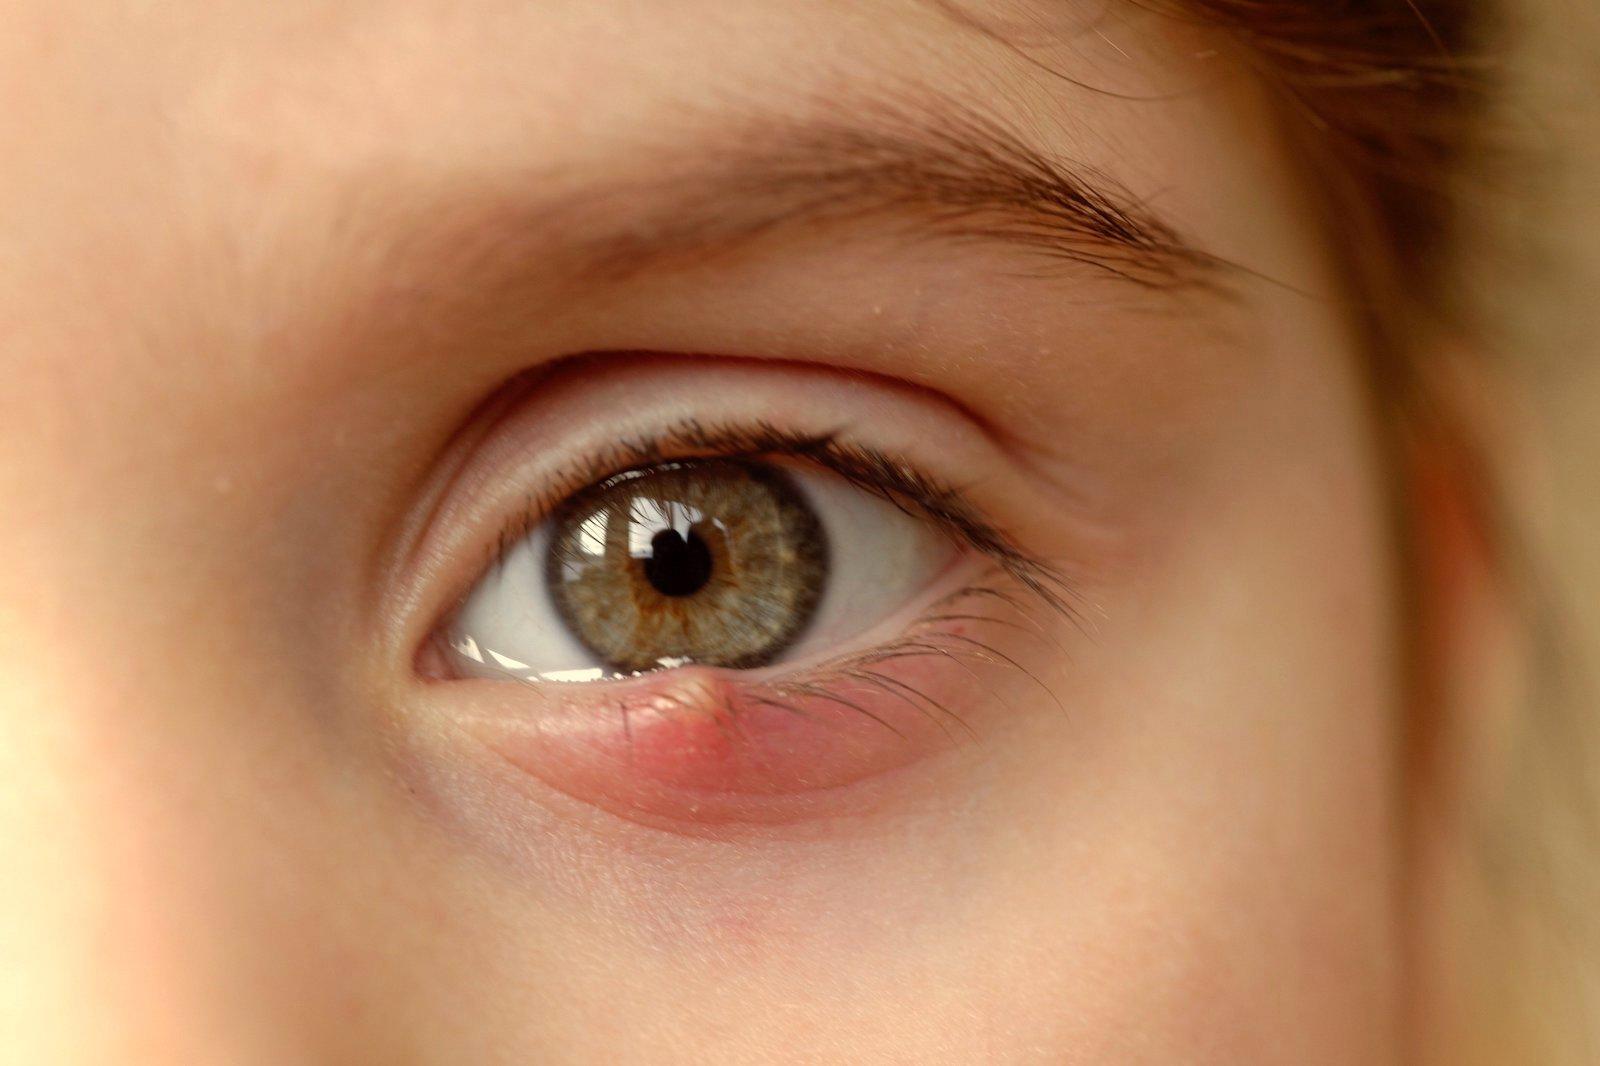 vederea a scăzut ochii apoși exerciții pentru restabilirea vederii conform metodei batelor